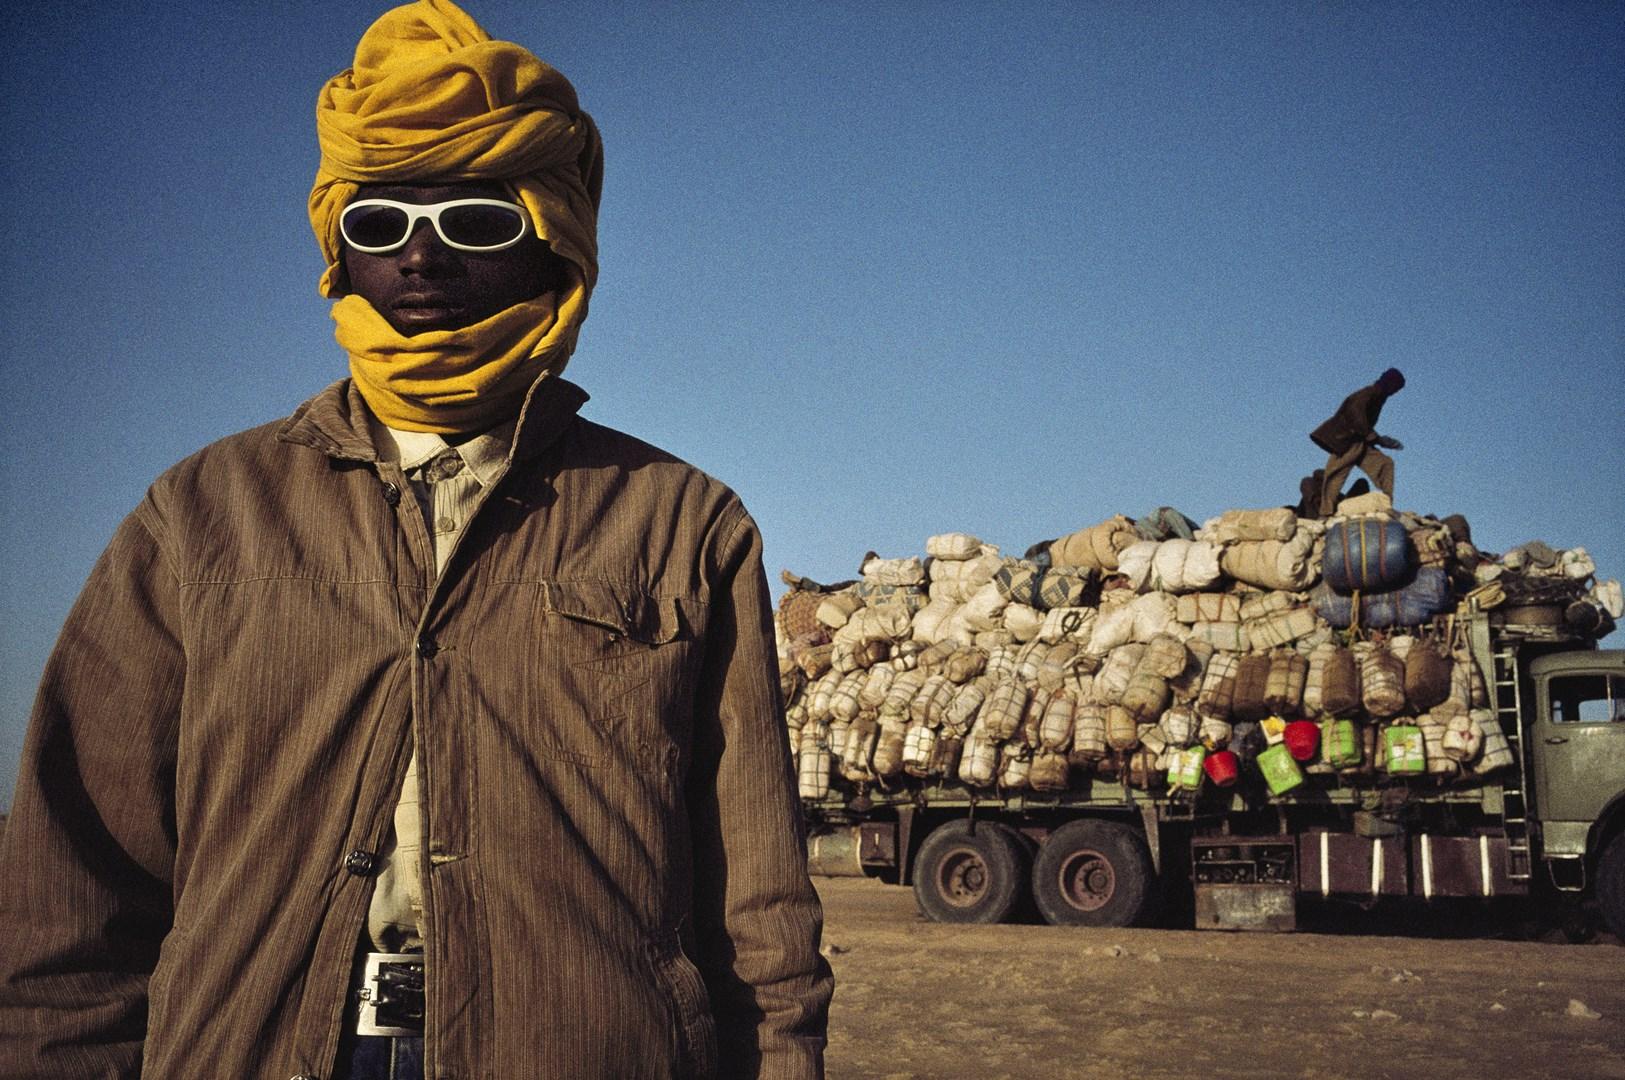 NIGER 2007 : Camions de migrants dans le désert du Ténéré. Des milliers de voyageurs clandestins, partis en majorité du Nigeria, du Niger et du Ghana, chercher du travail en Libye ou dans les pays de l'Union Européenne. Avec le réchauffement climatique et l'accélération de la désertification, le nombre de migrants ne fait qu'augmenter. © Pascal Maitre / Cosmos